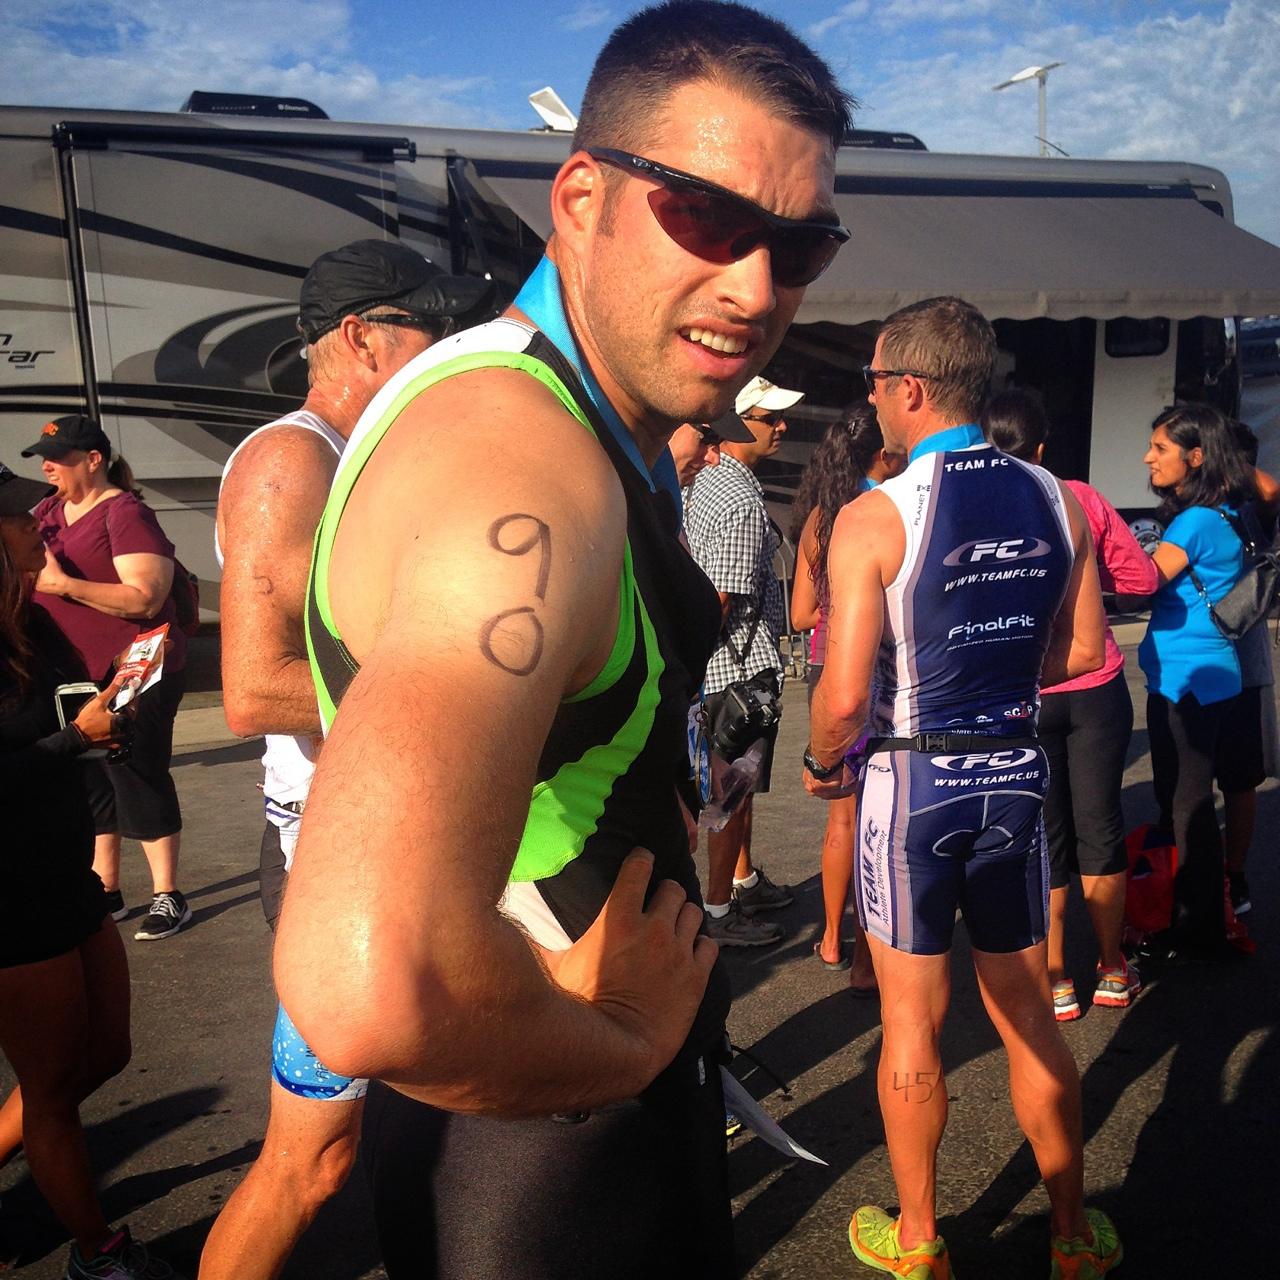 Ran my 4th triathlon this morning. This one was sprint in Laguna Beach (pacific coast tri) 11:33.(that's me!)